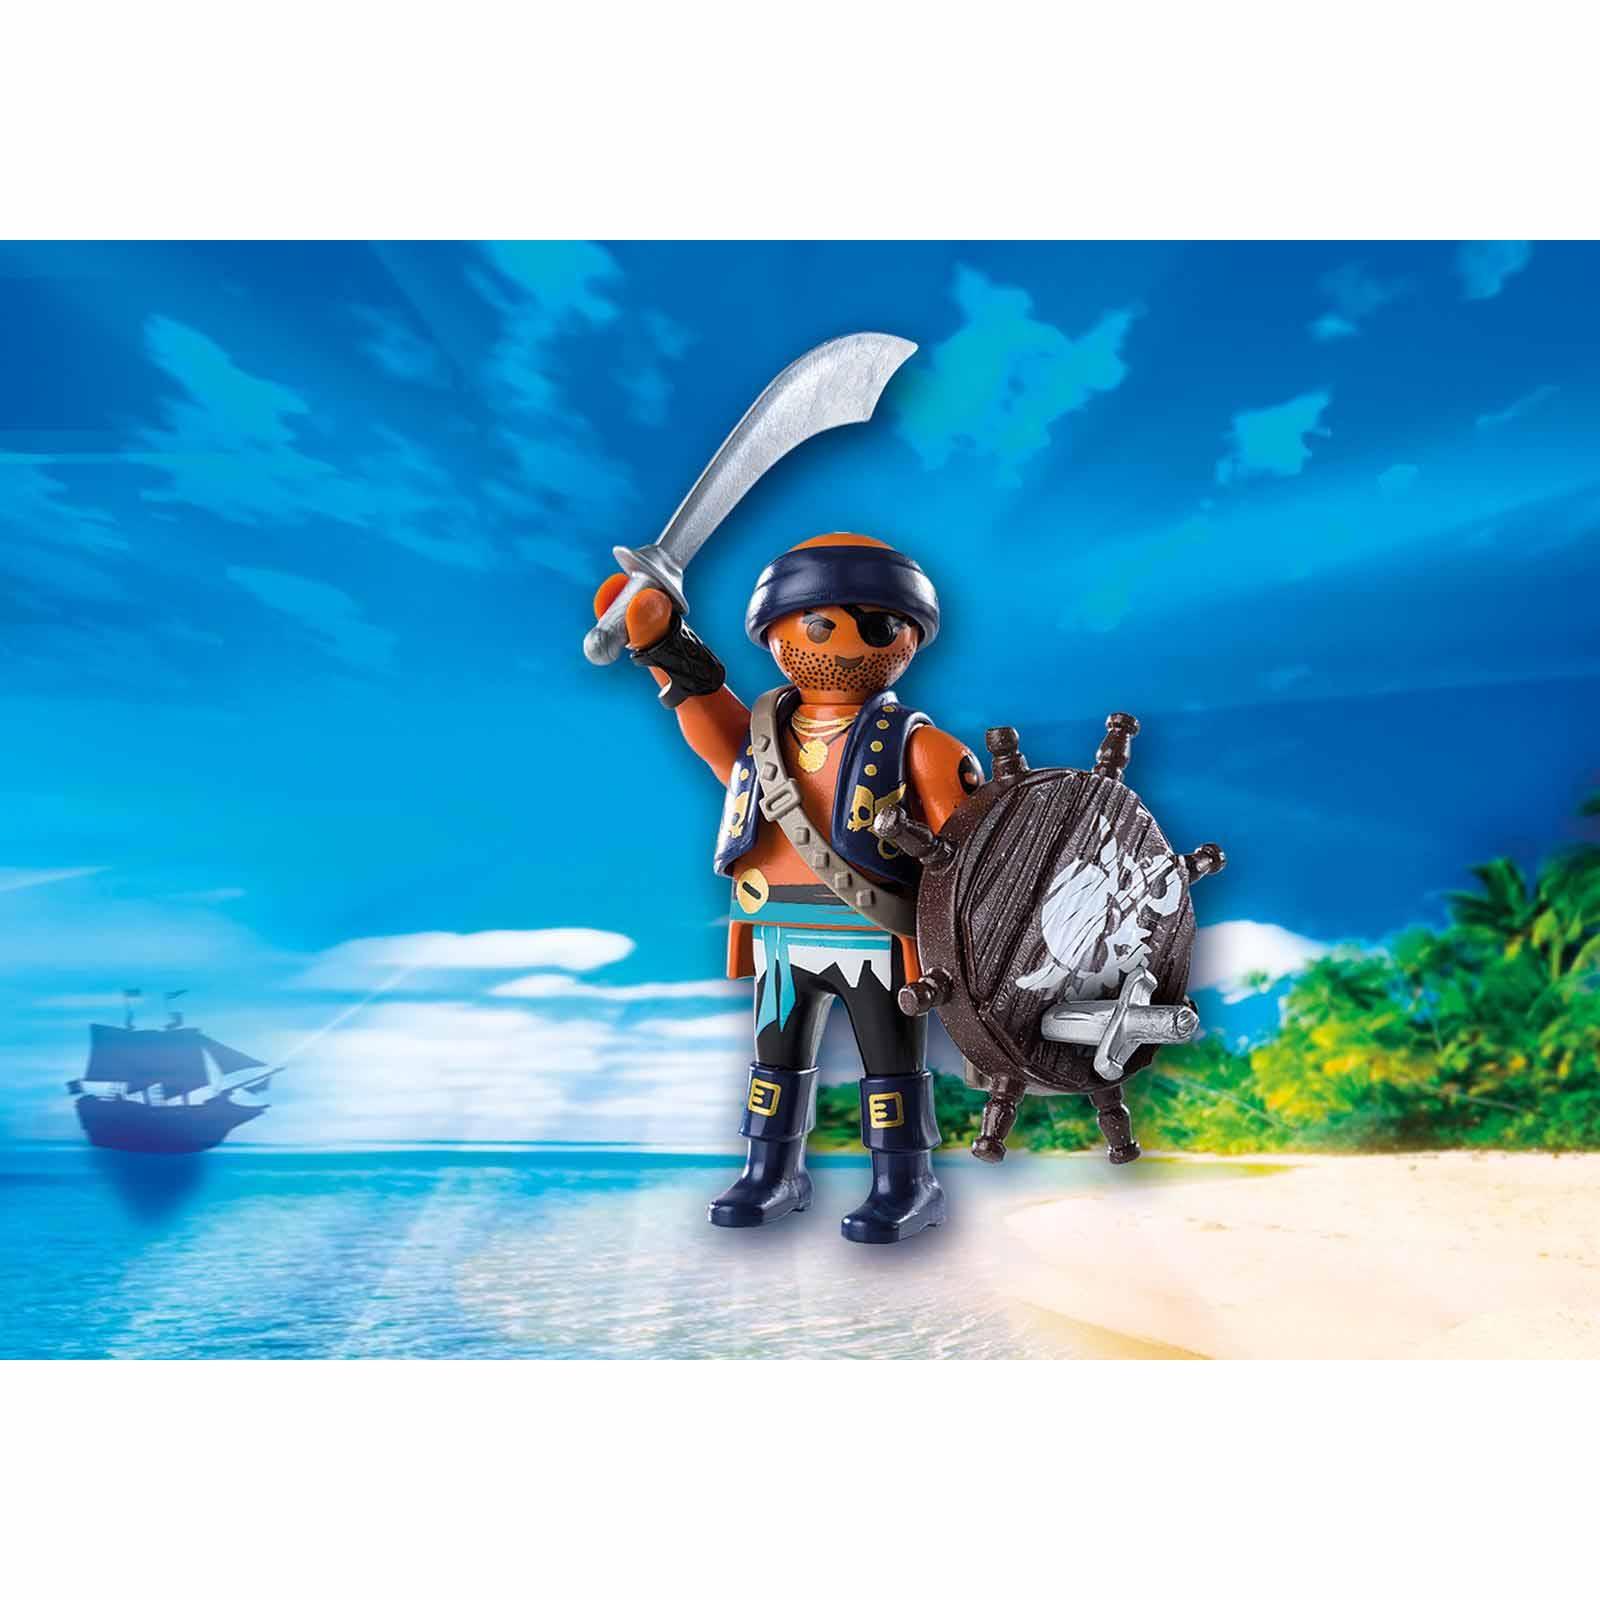 Фото #1: Игровой набор - Пират с щитом